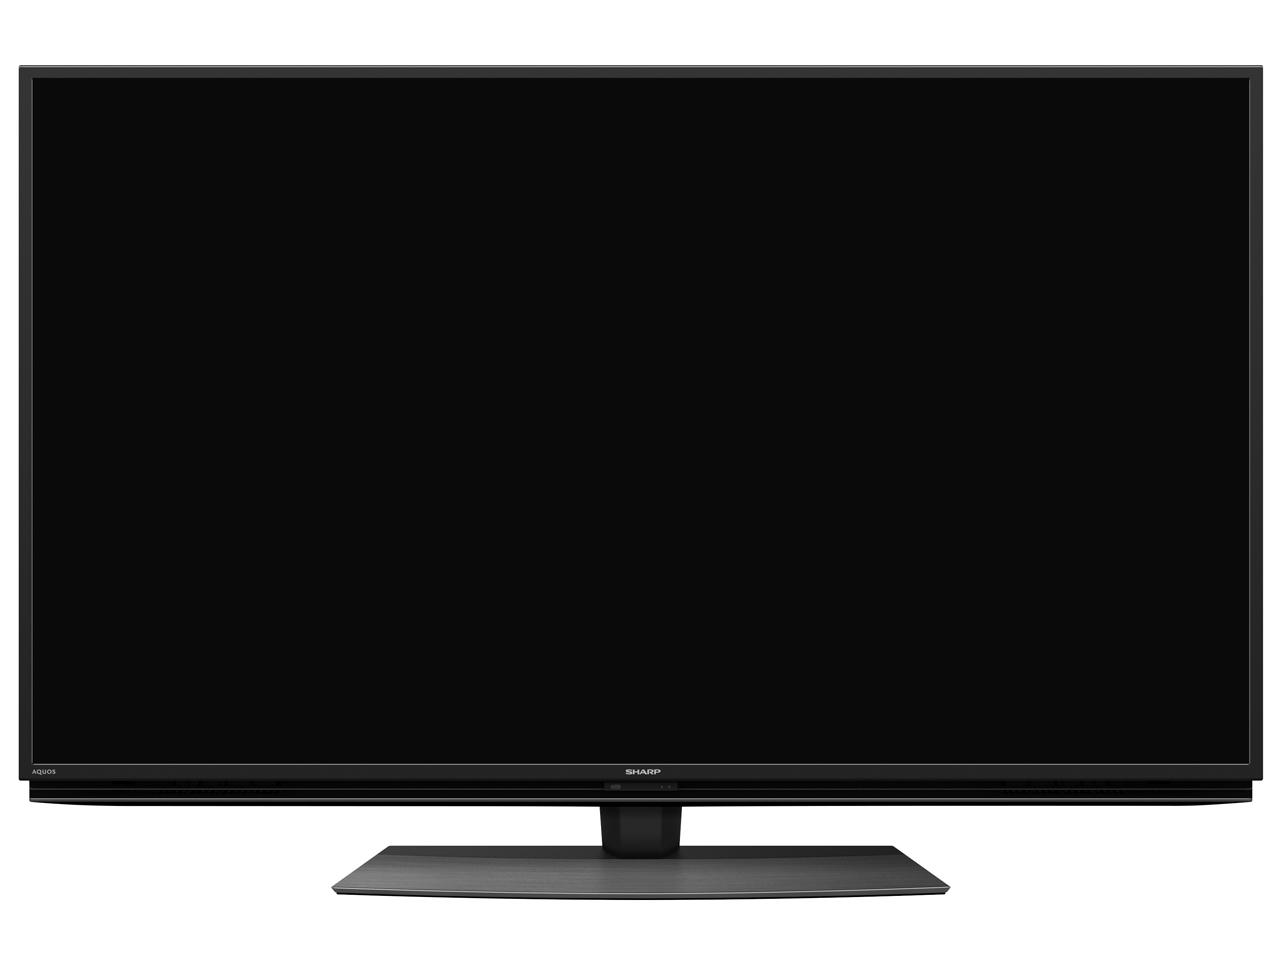 創業75年 各種設置工事 官公庁法人対応 新品未使用 初期不良対応 アフターサービス対応 お気に入 シャープ 110度CSデジタル4Kチューナー内蔵液晶テレビ 4T-C50CN1 BS 50V型地上 AQUOS